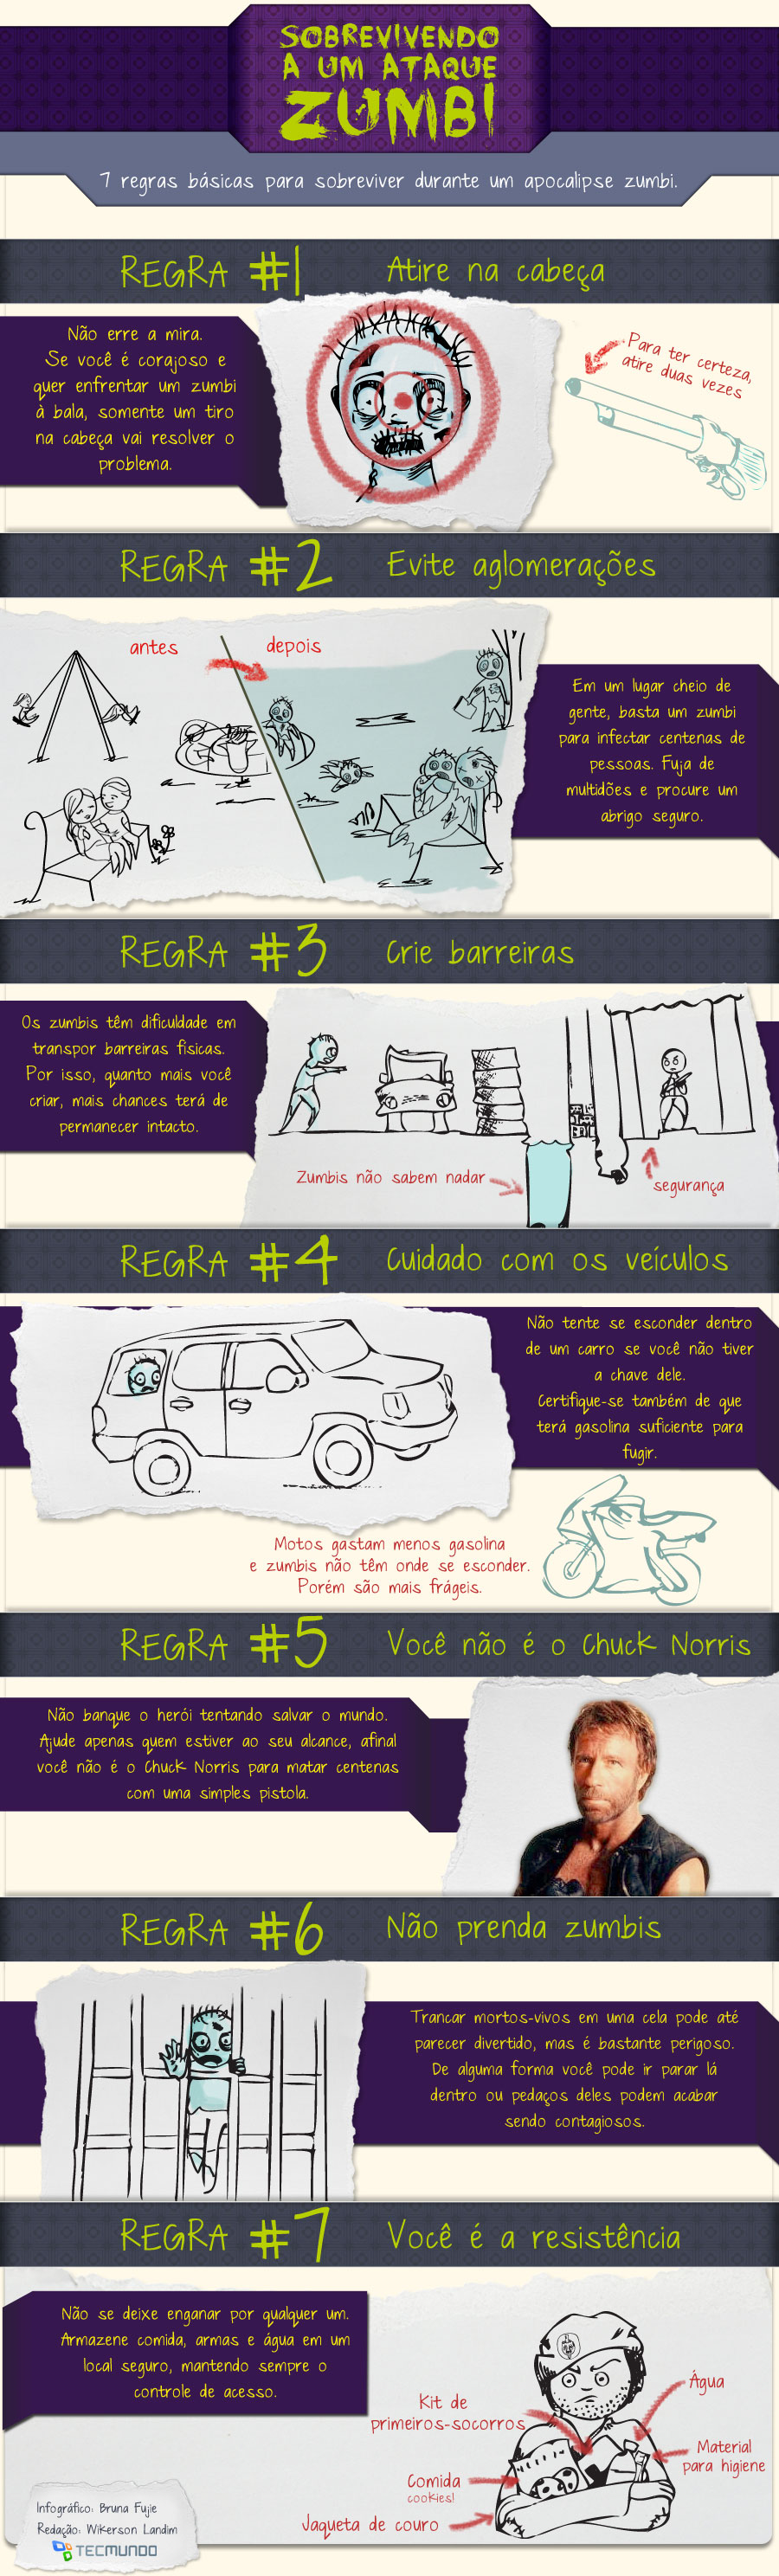 Infográfico - Como sobreviver a um ataque zumbi [infográfico]